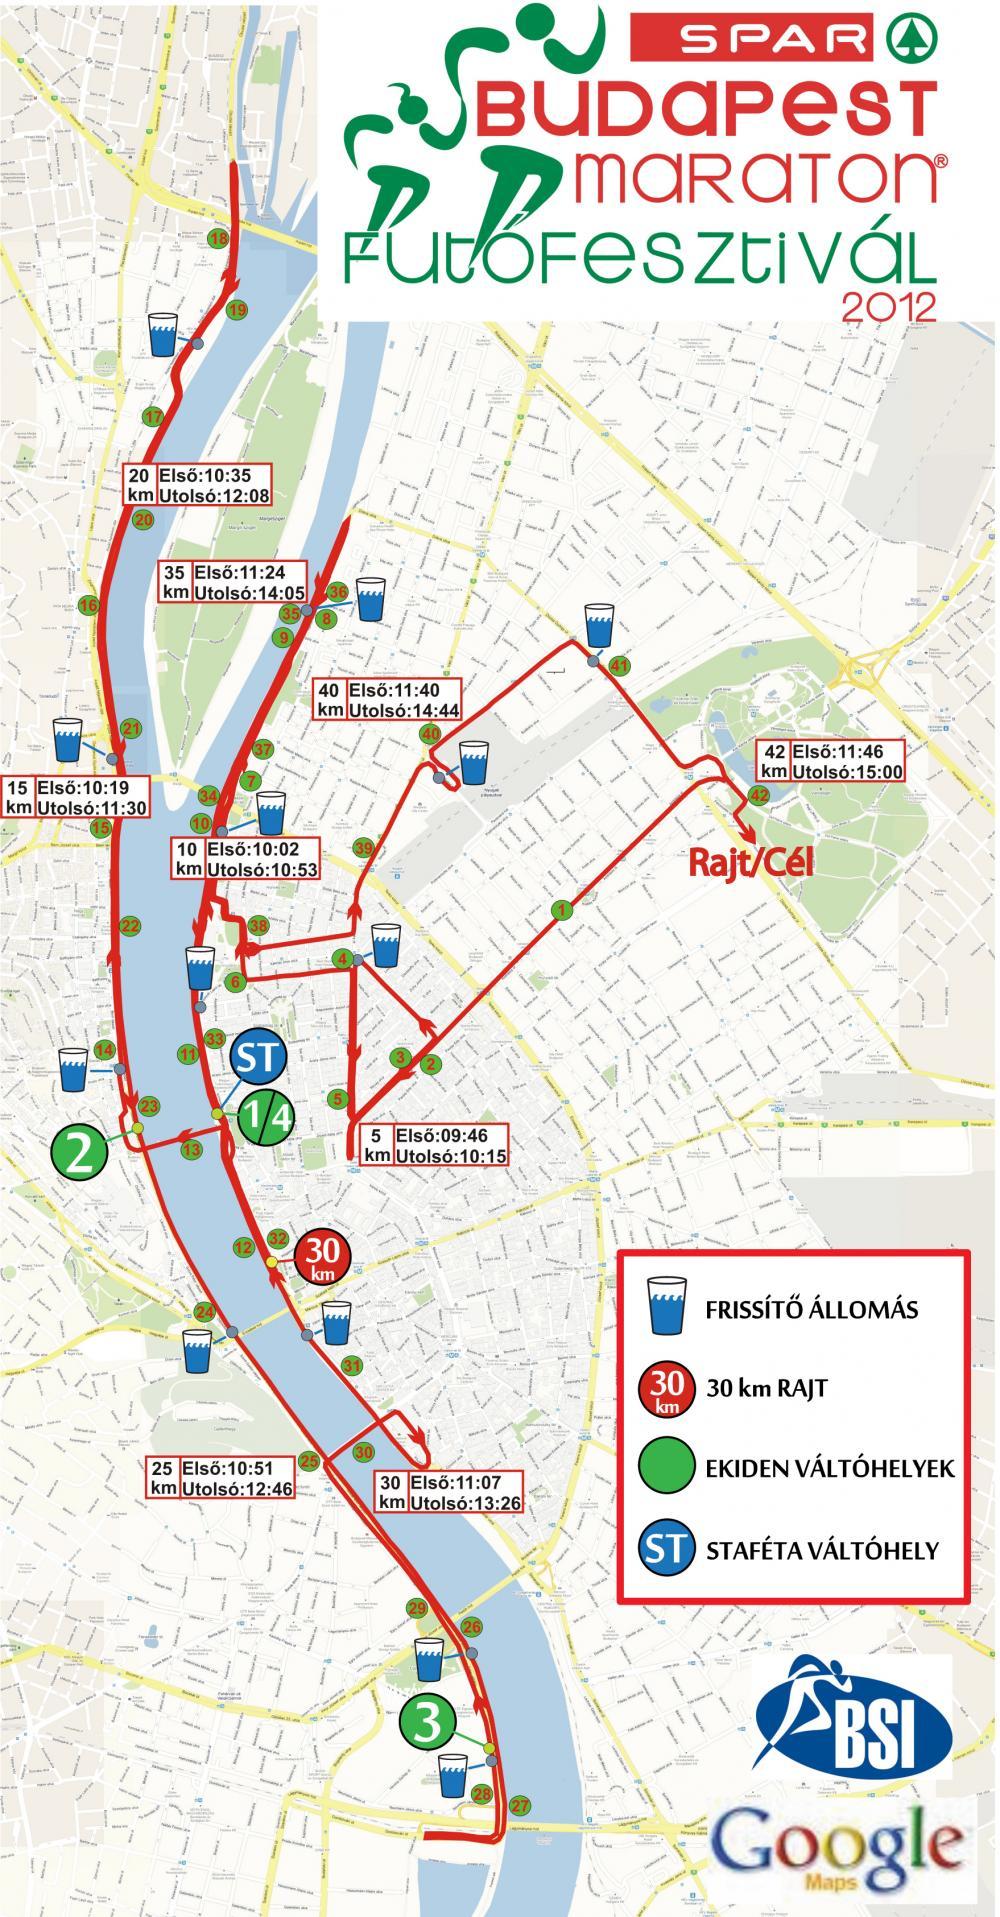 utvonal térkép budapest 27. Spar Budapest Maraton   térkép   Futanet.hu utvonal térkép budapest